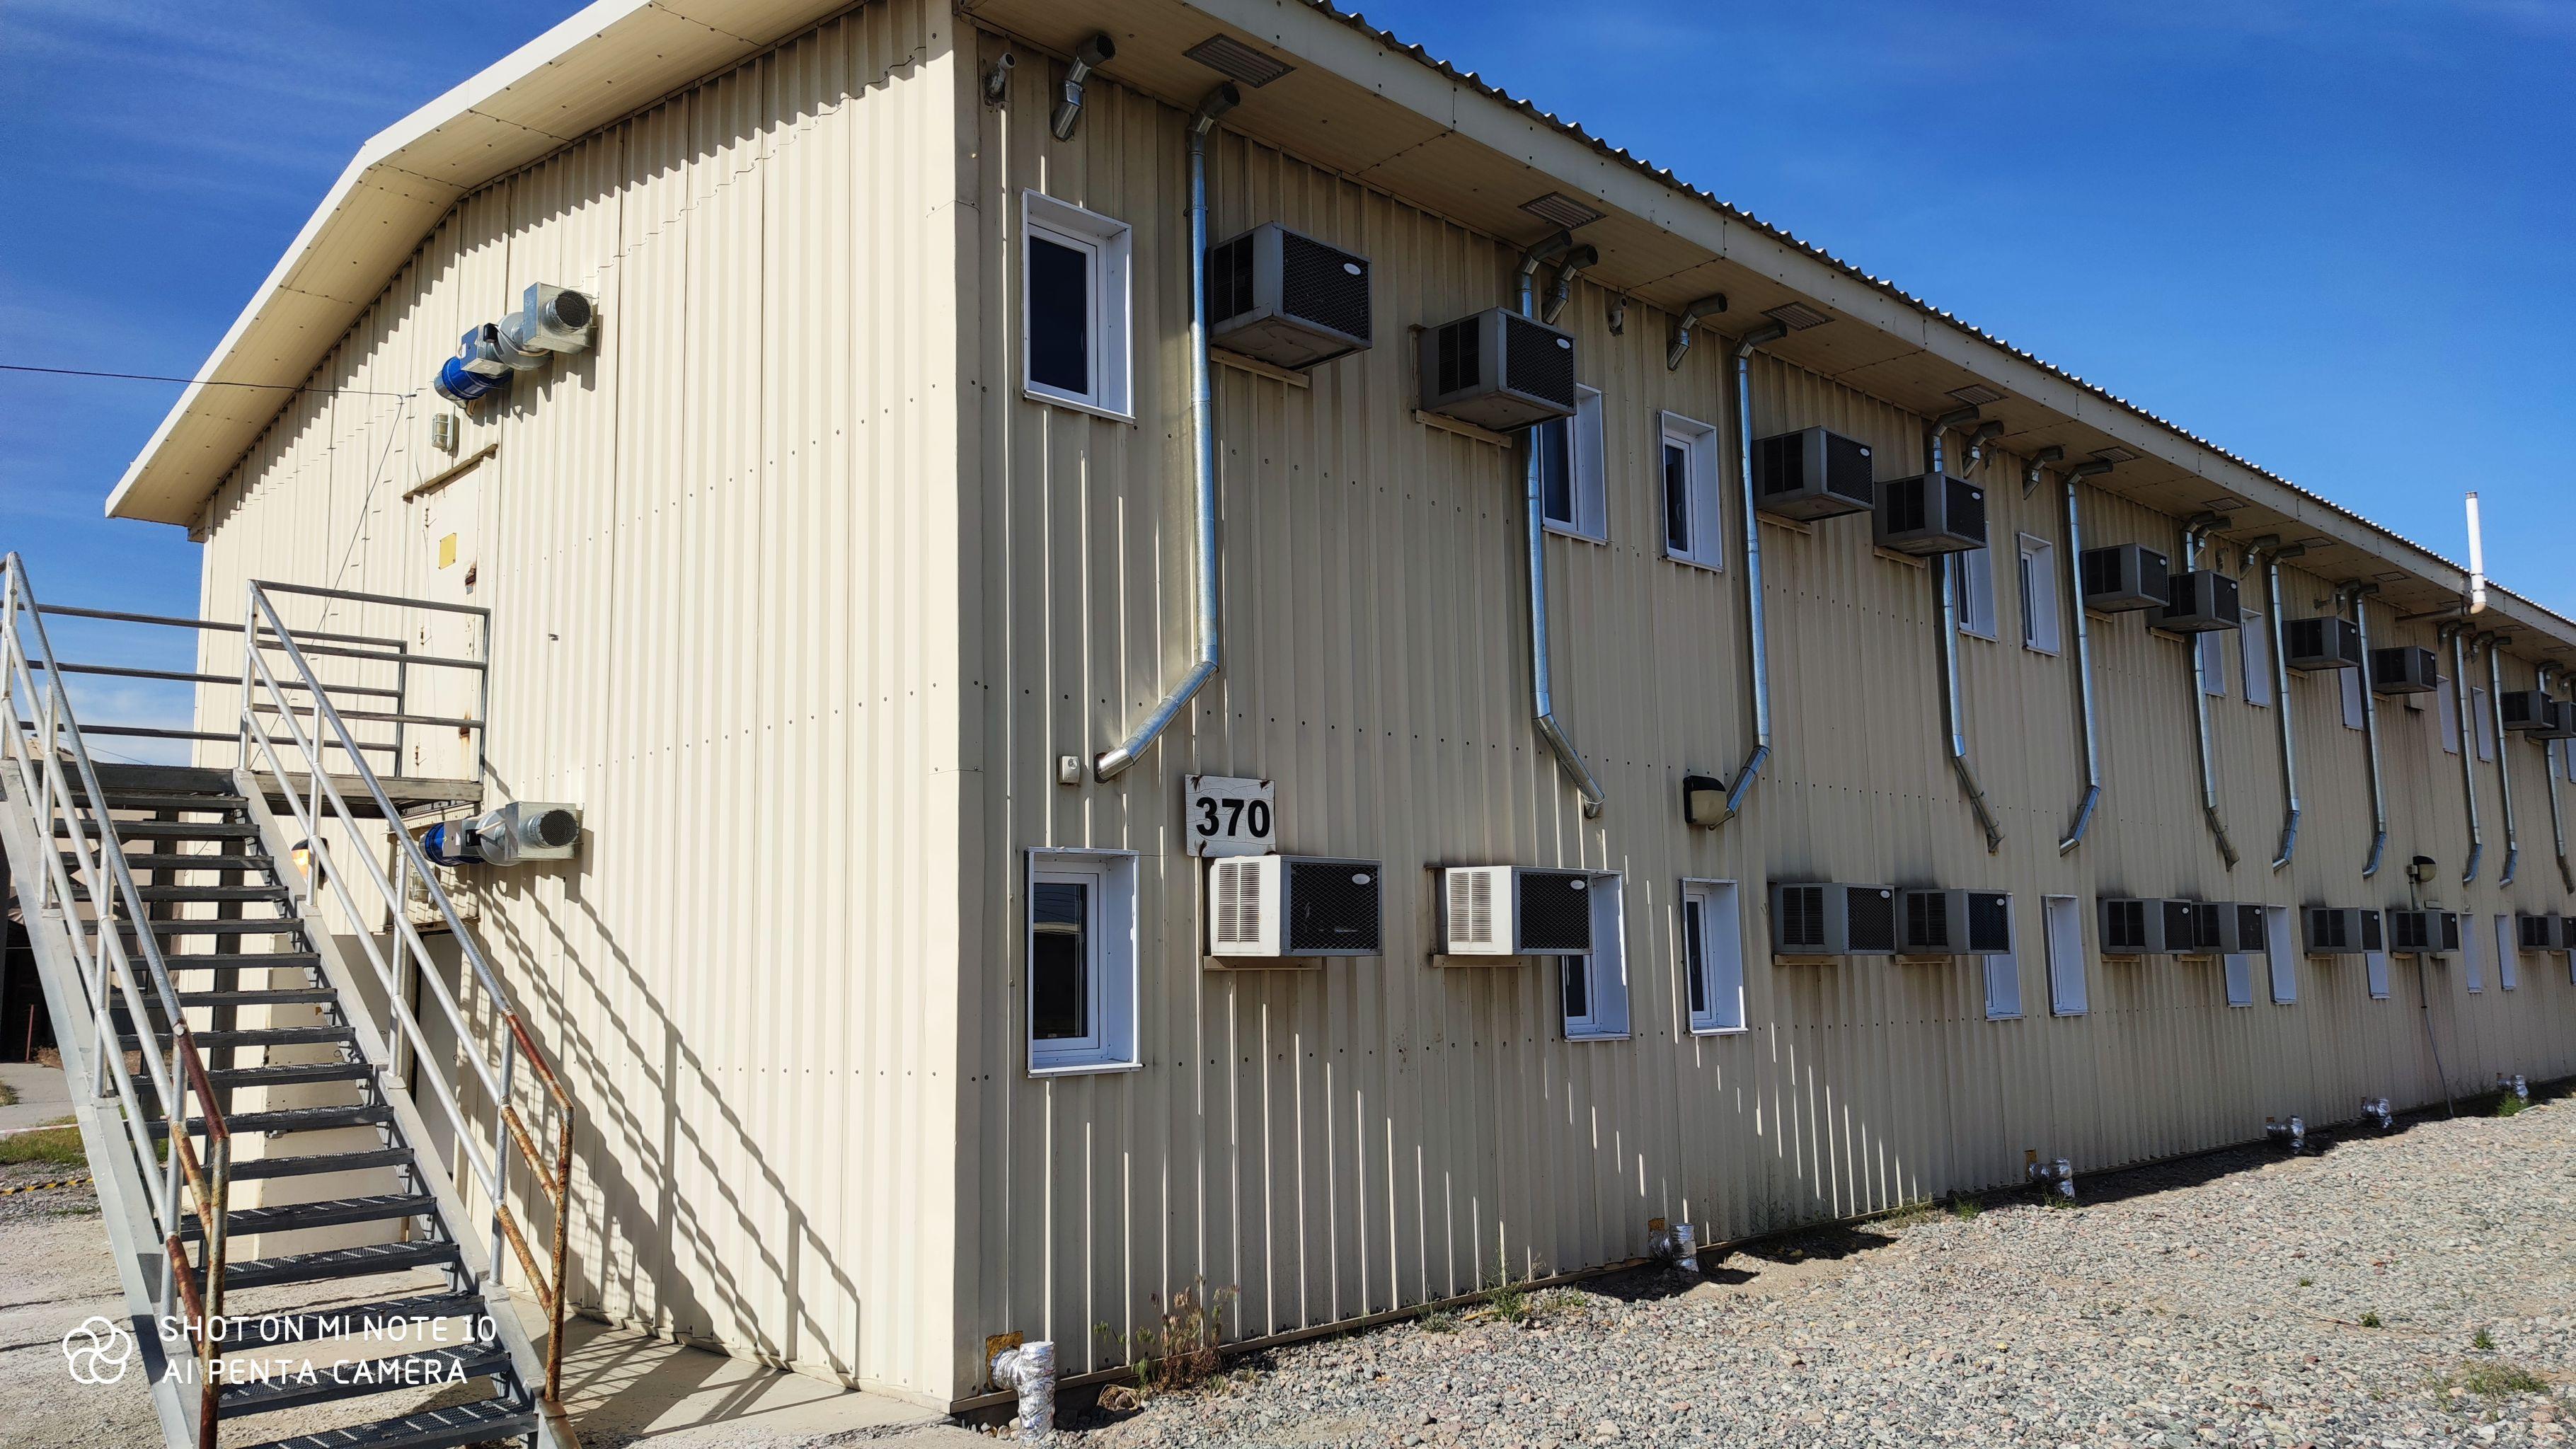 600 мест были подготовлены на бывшей американской авиабазе Ганси недалеко от международного аэропорта Манас